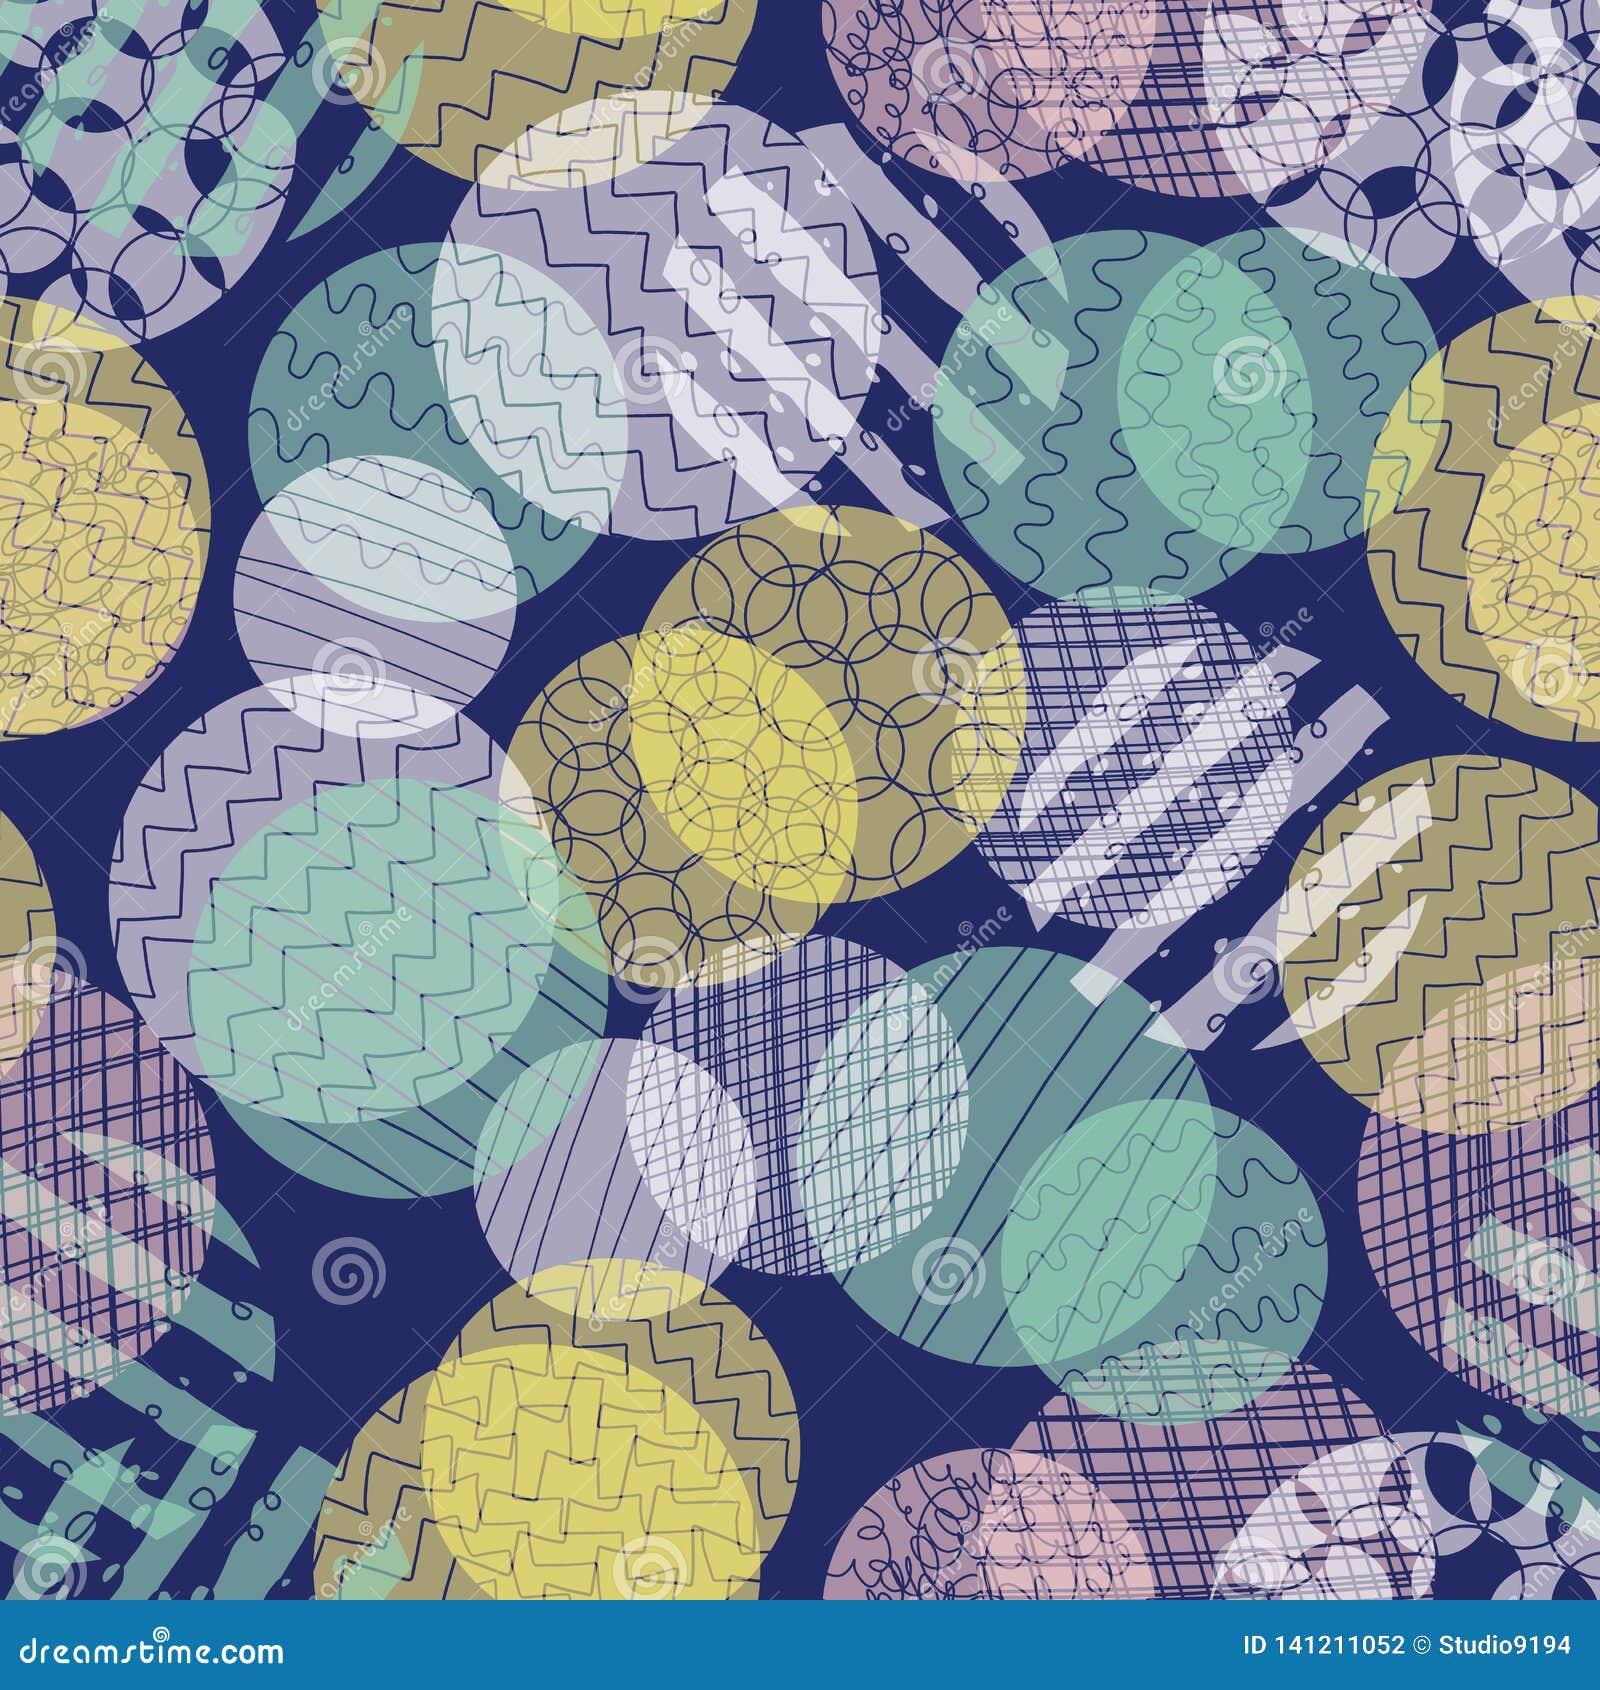 Αφηρημένο άνευ ραφής διανυσματικό σχέδιο κύκλων Βαλμένη σε στρώσεις διαφορετική αδιαφάνεια σημείων μπλε, ρόδινος, κιρκίρι, κίτριν